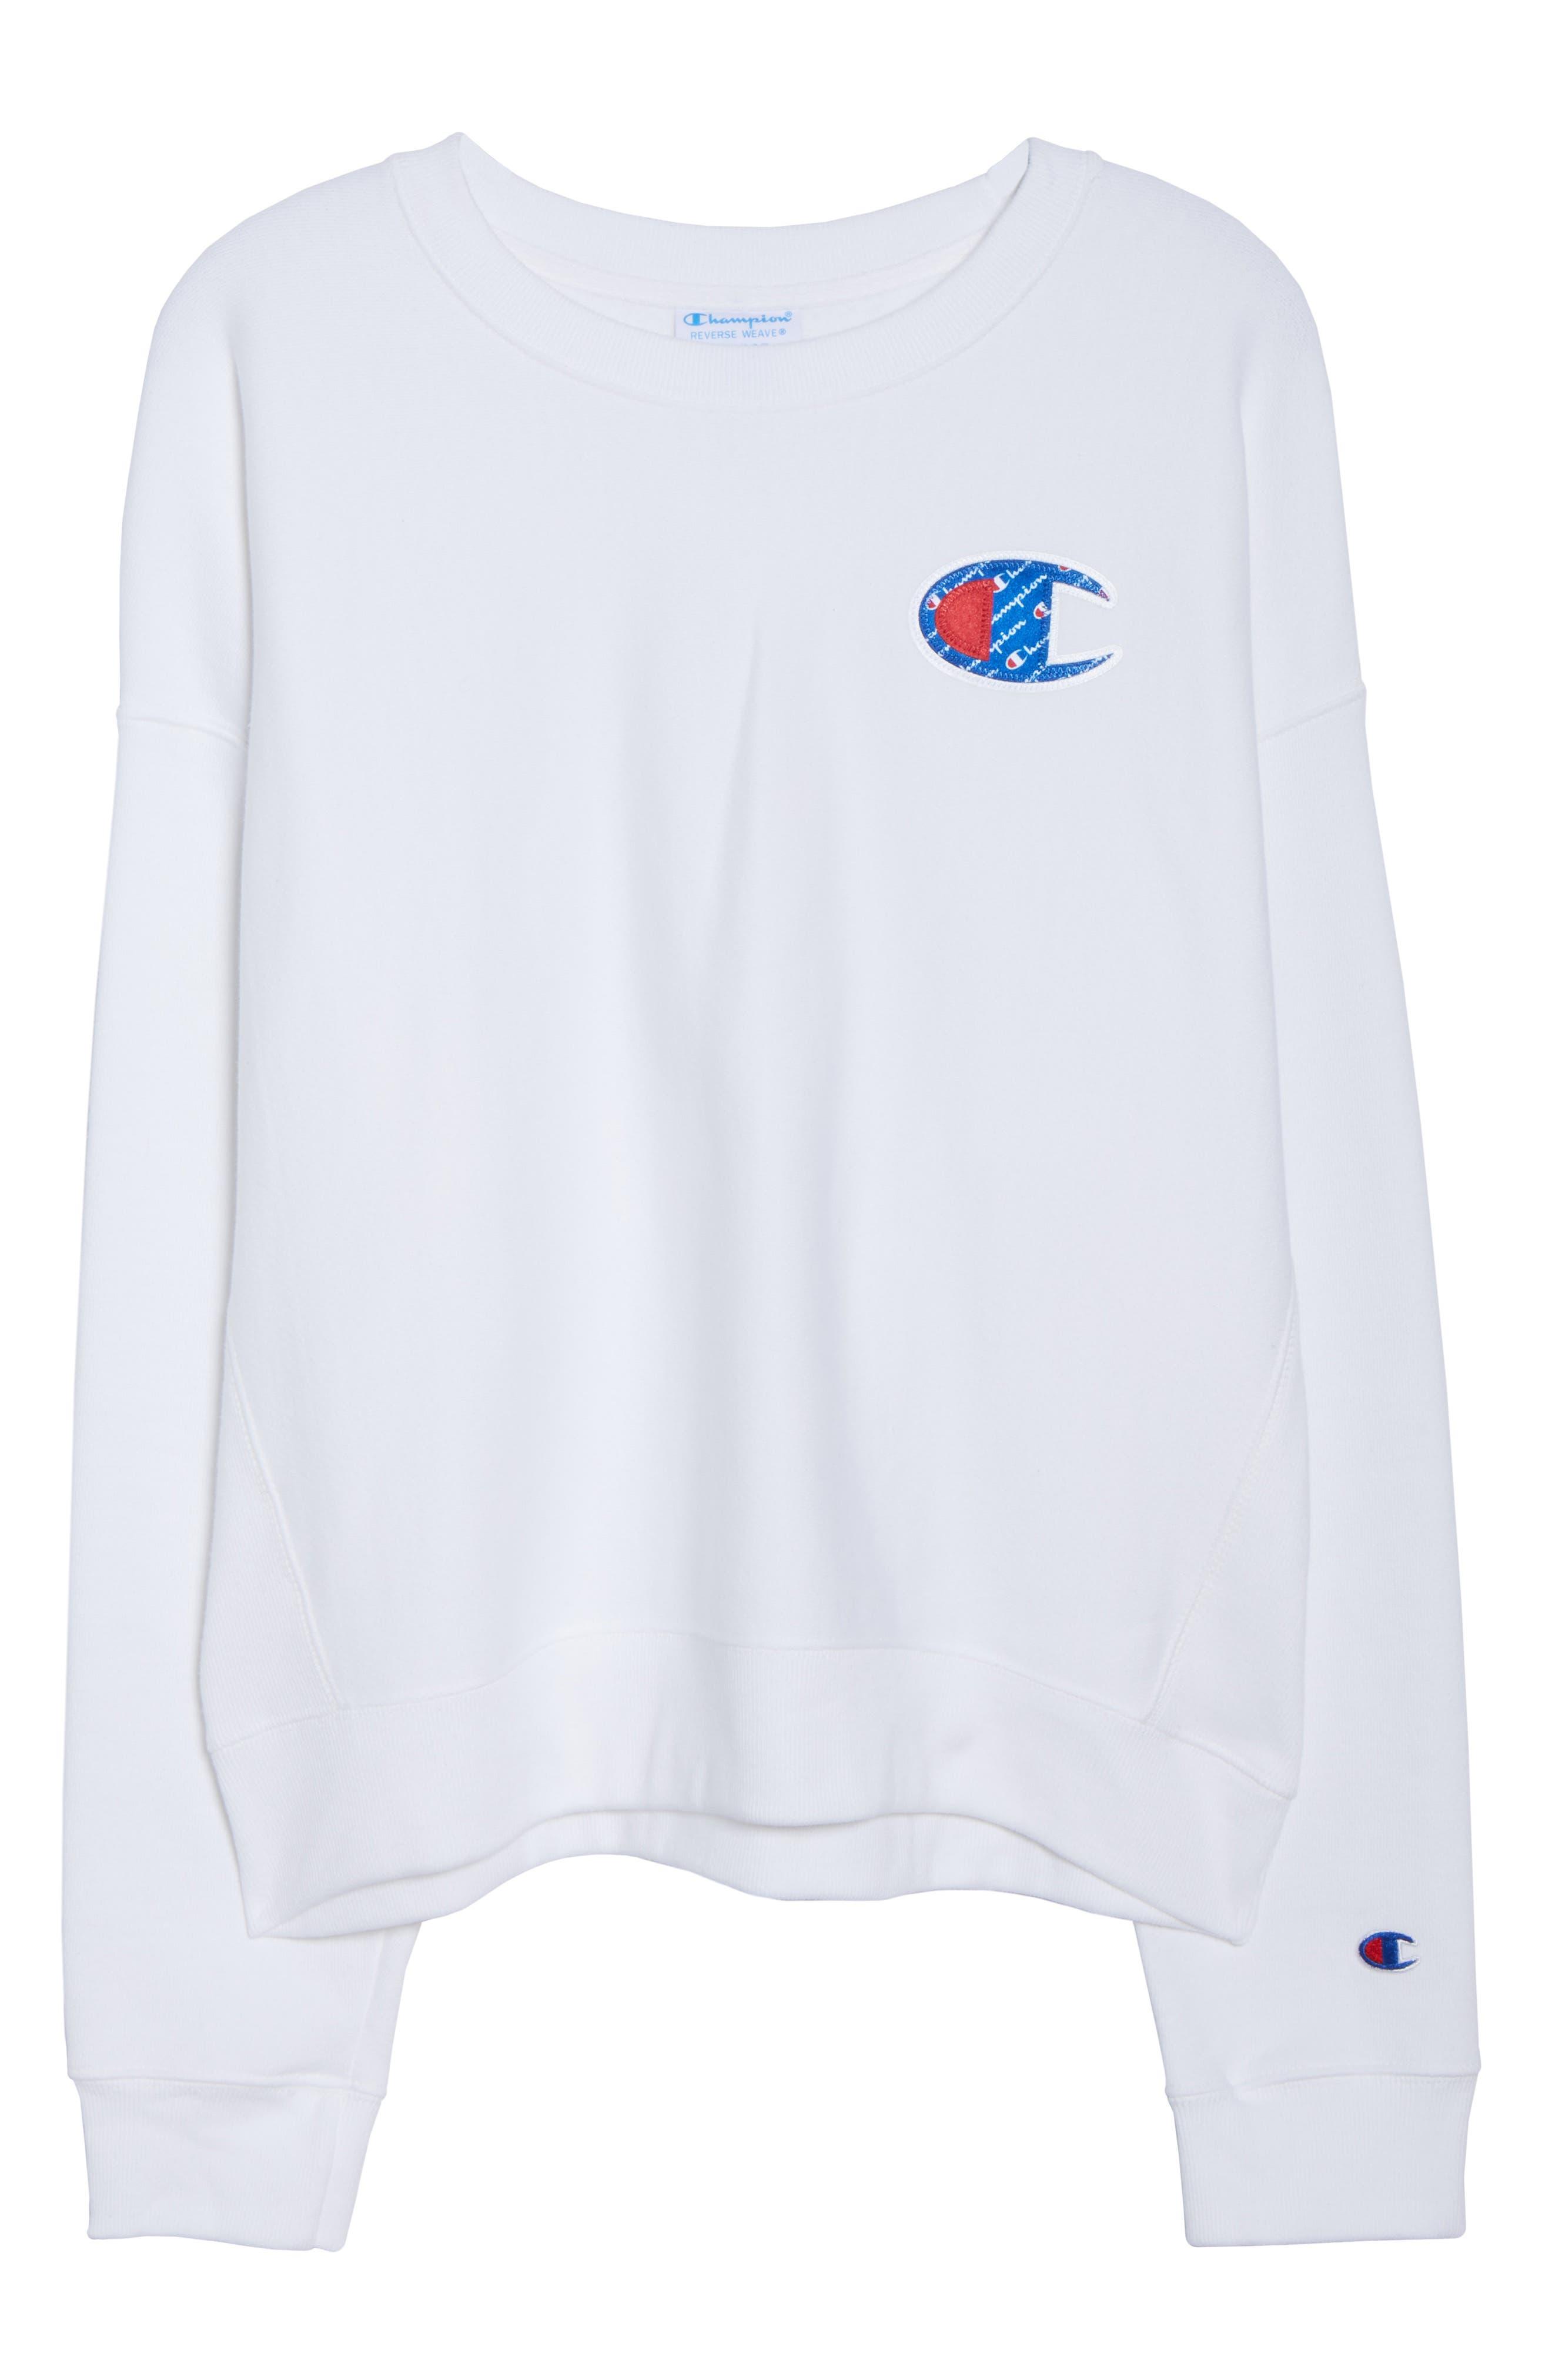 Sublimated Logo Sweatshirt,                             Alternate thumbnail 12, color,                             WHITE